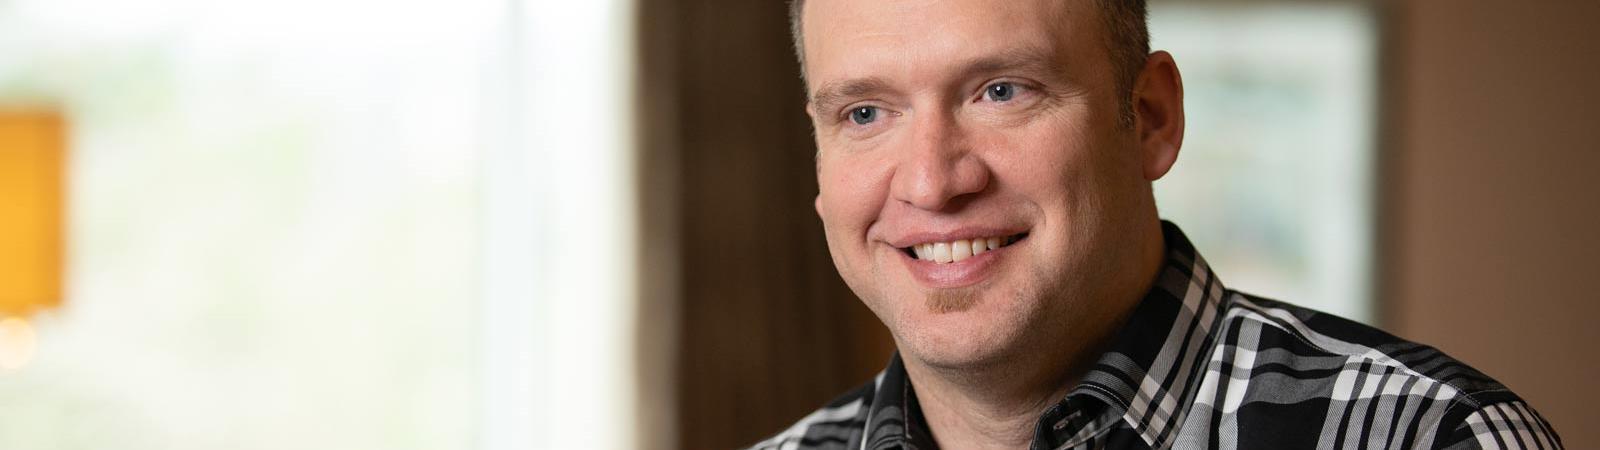 Hemophilia A patient Jesse Schrader